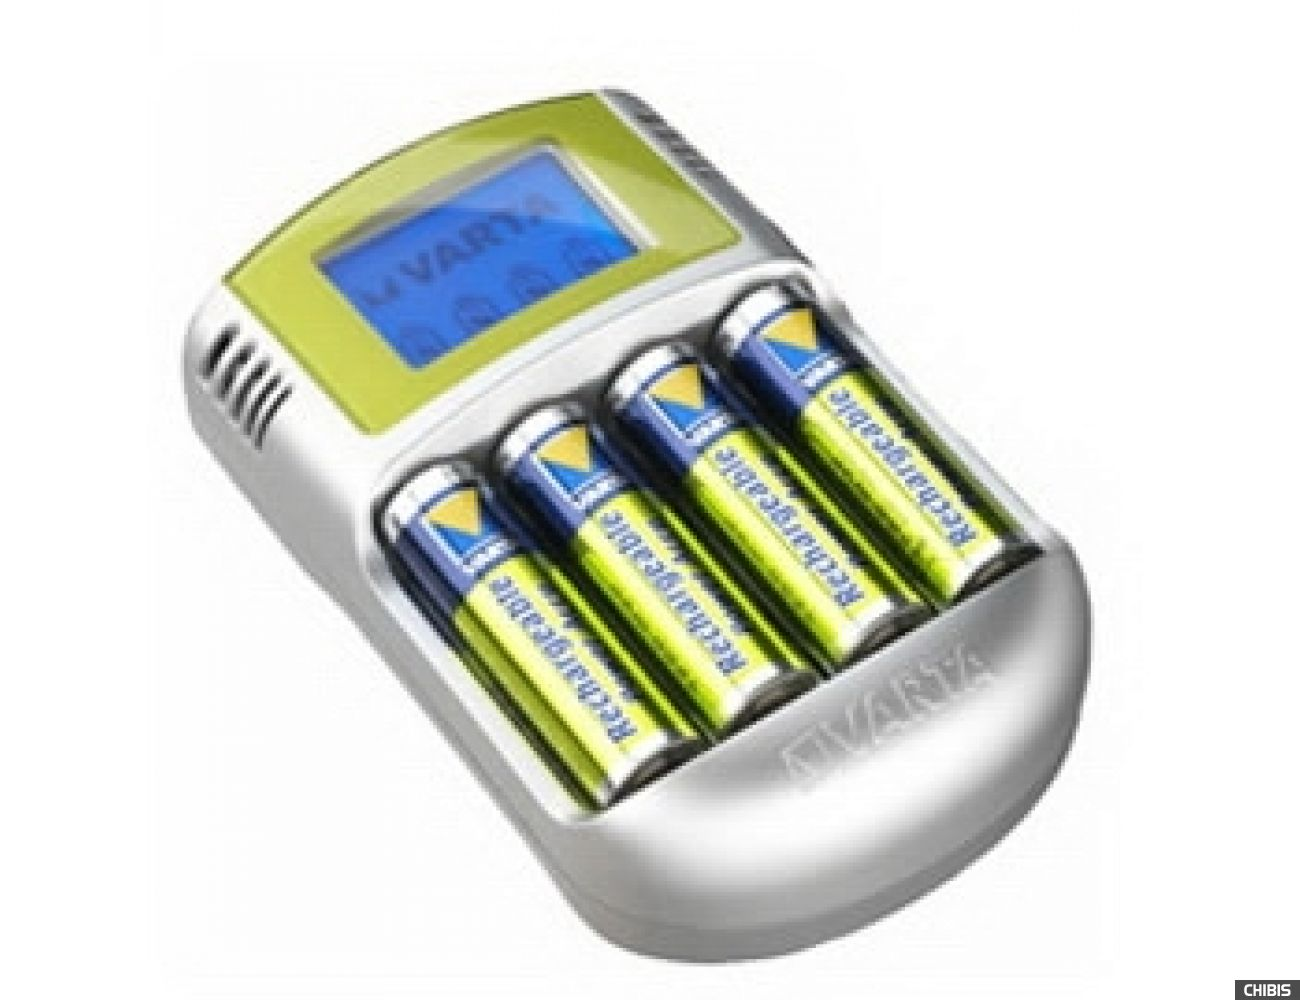 Зарядное устройство Varta Power LCD Charger + 4 - 2700AA mAh + авто адаптер (57070201451)